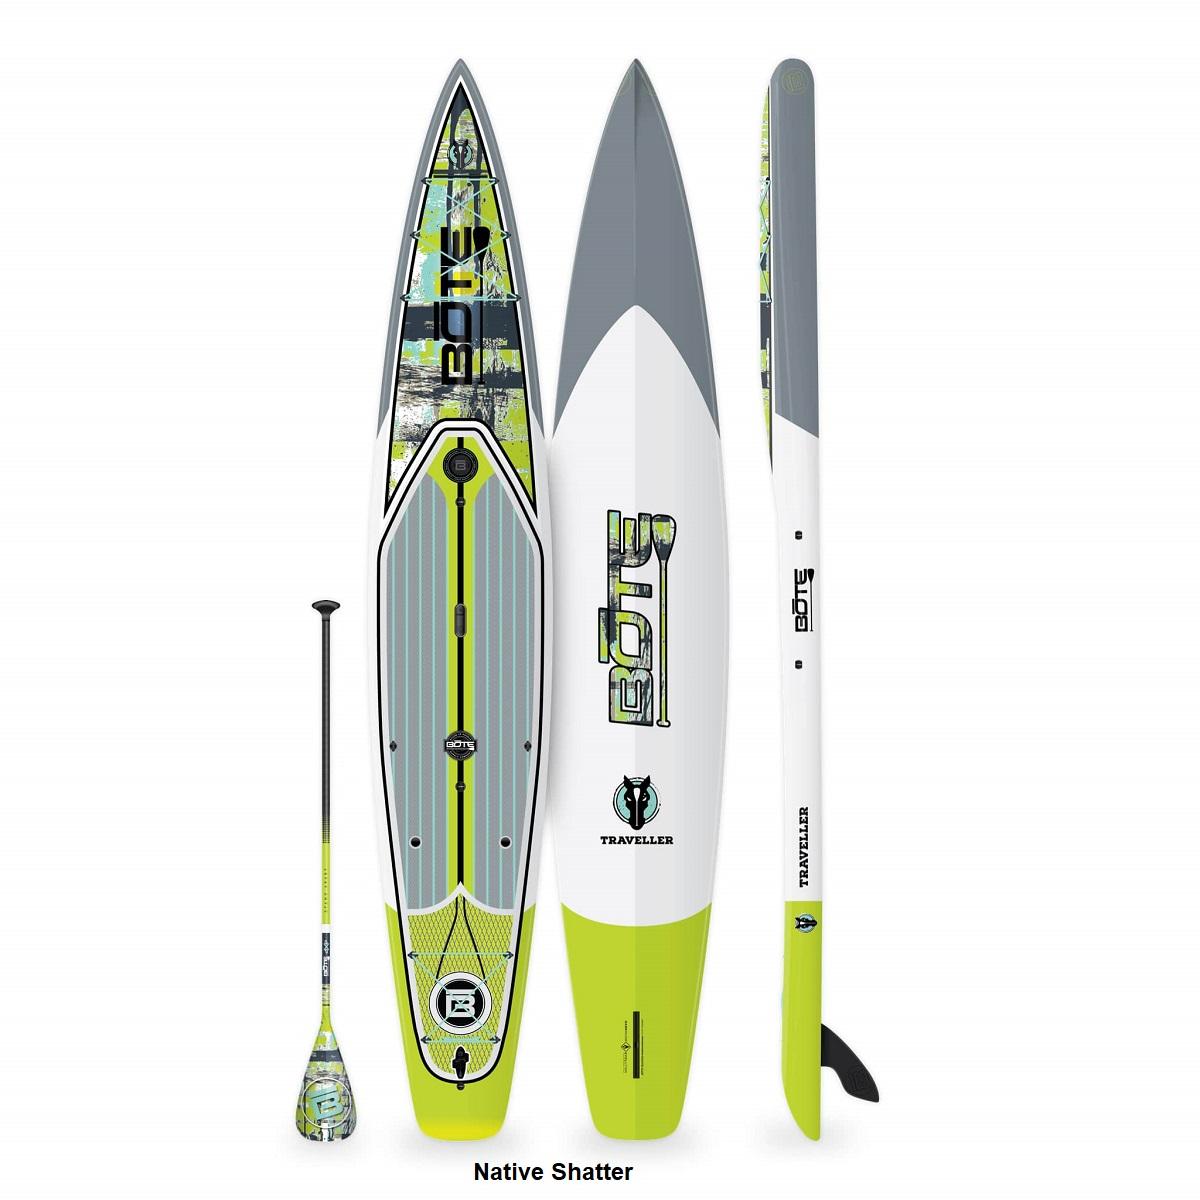 BOTE Traveller 14' Paddle Board - Native Shatter